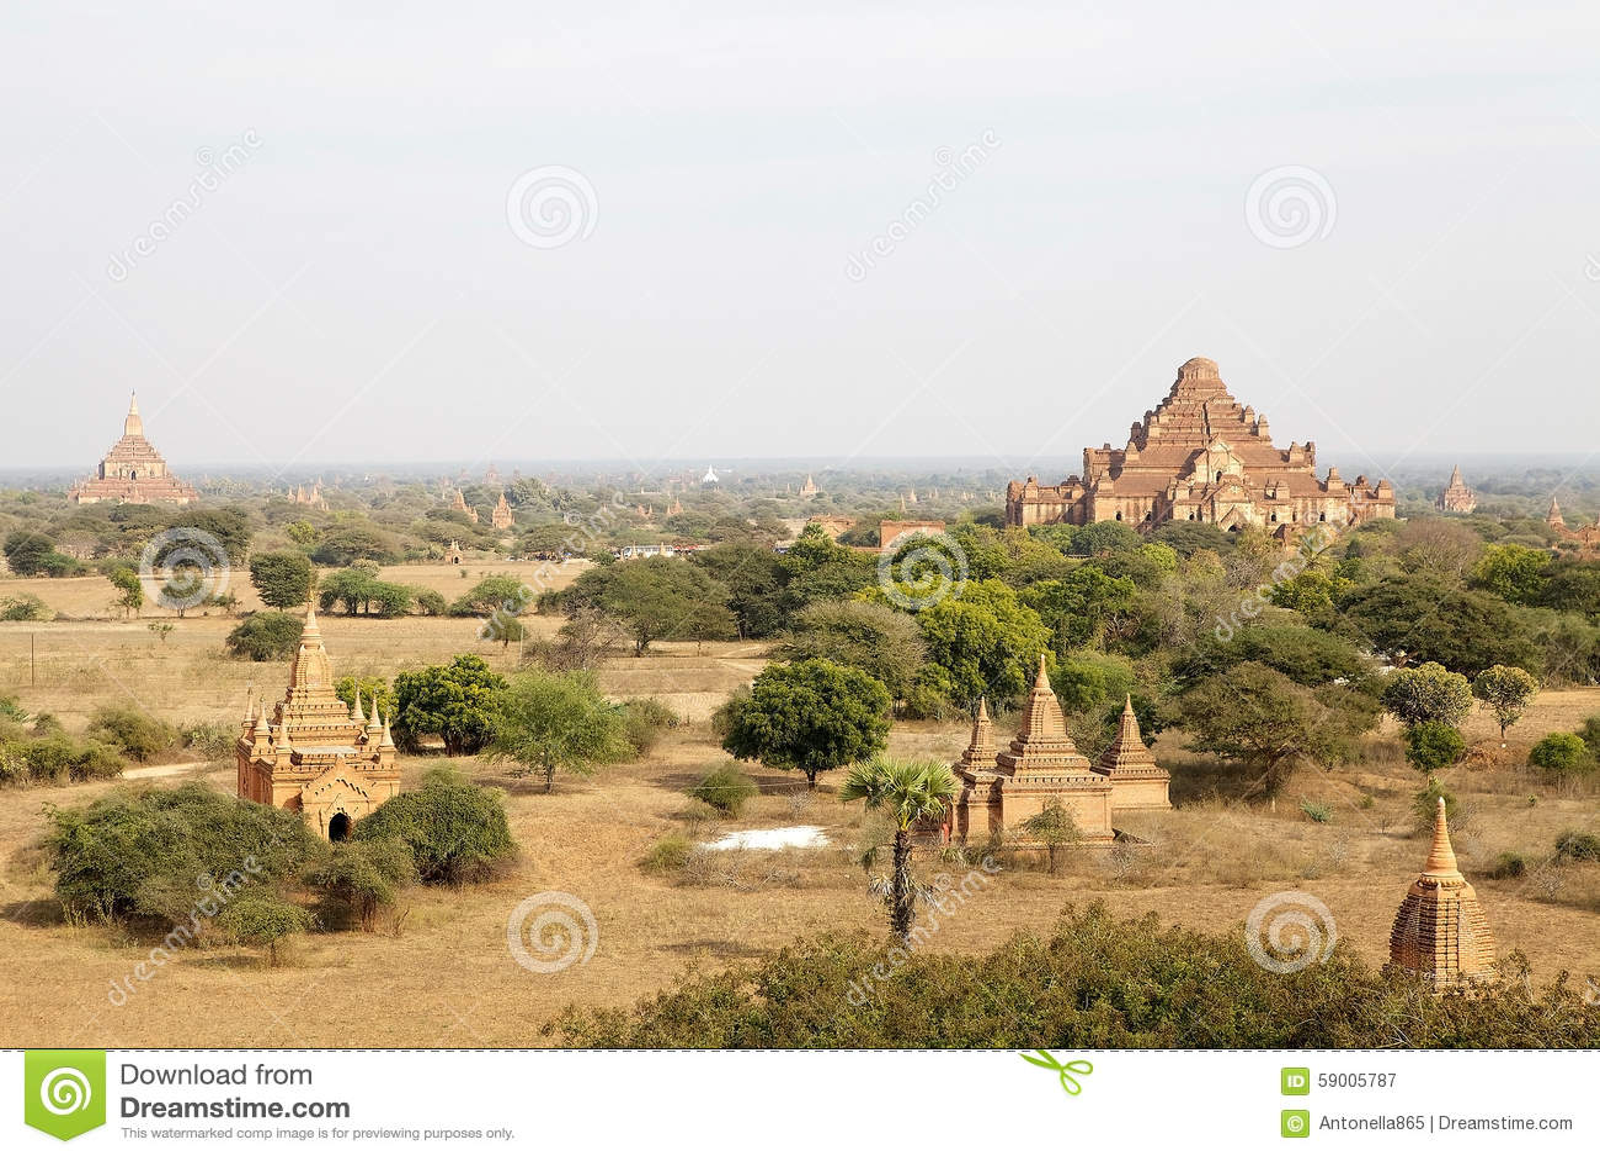 Ruins Of Bagan Myanmar Stock Photo Image 59005787